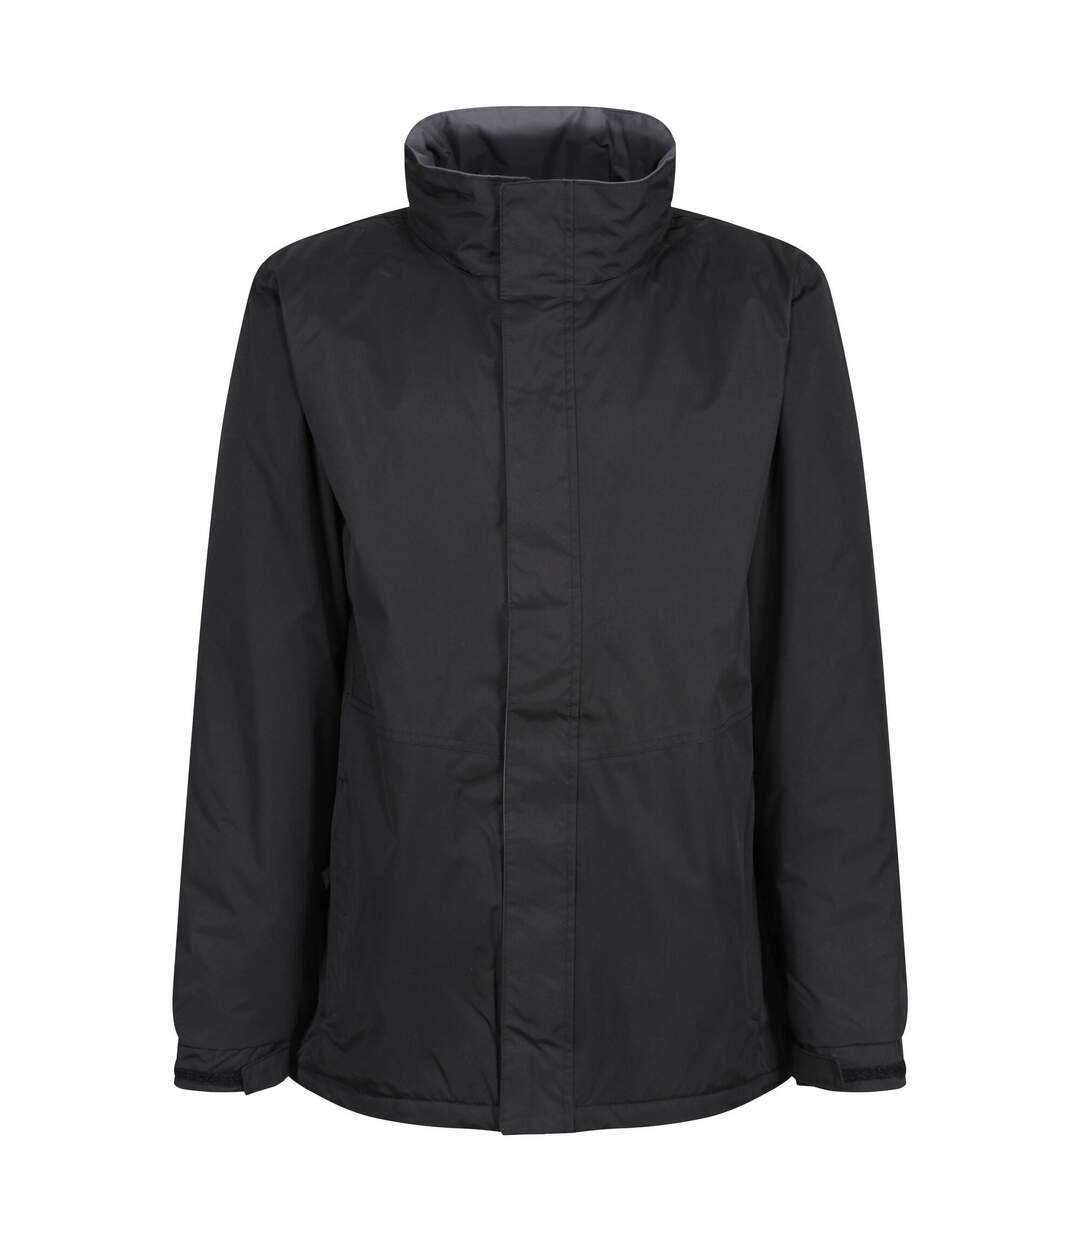 Regatta Mens Beauford Jacket (Black) - UTRG3115